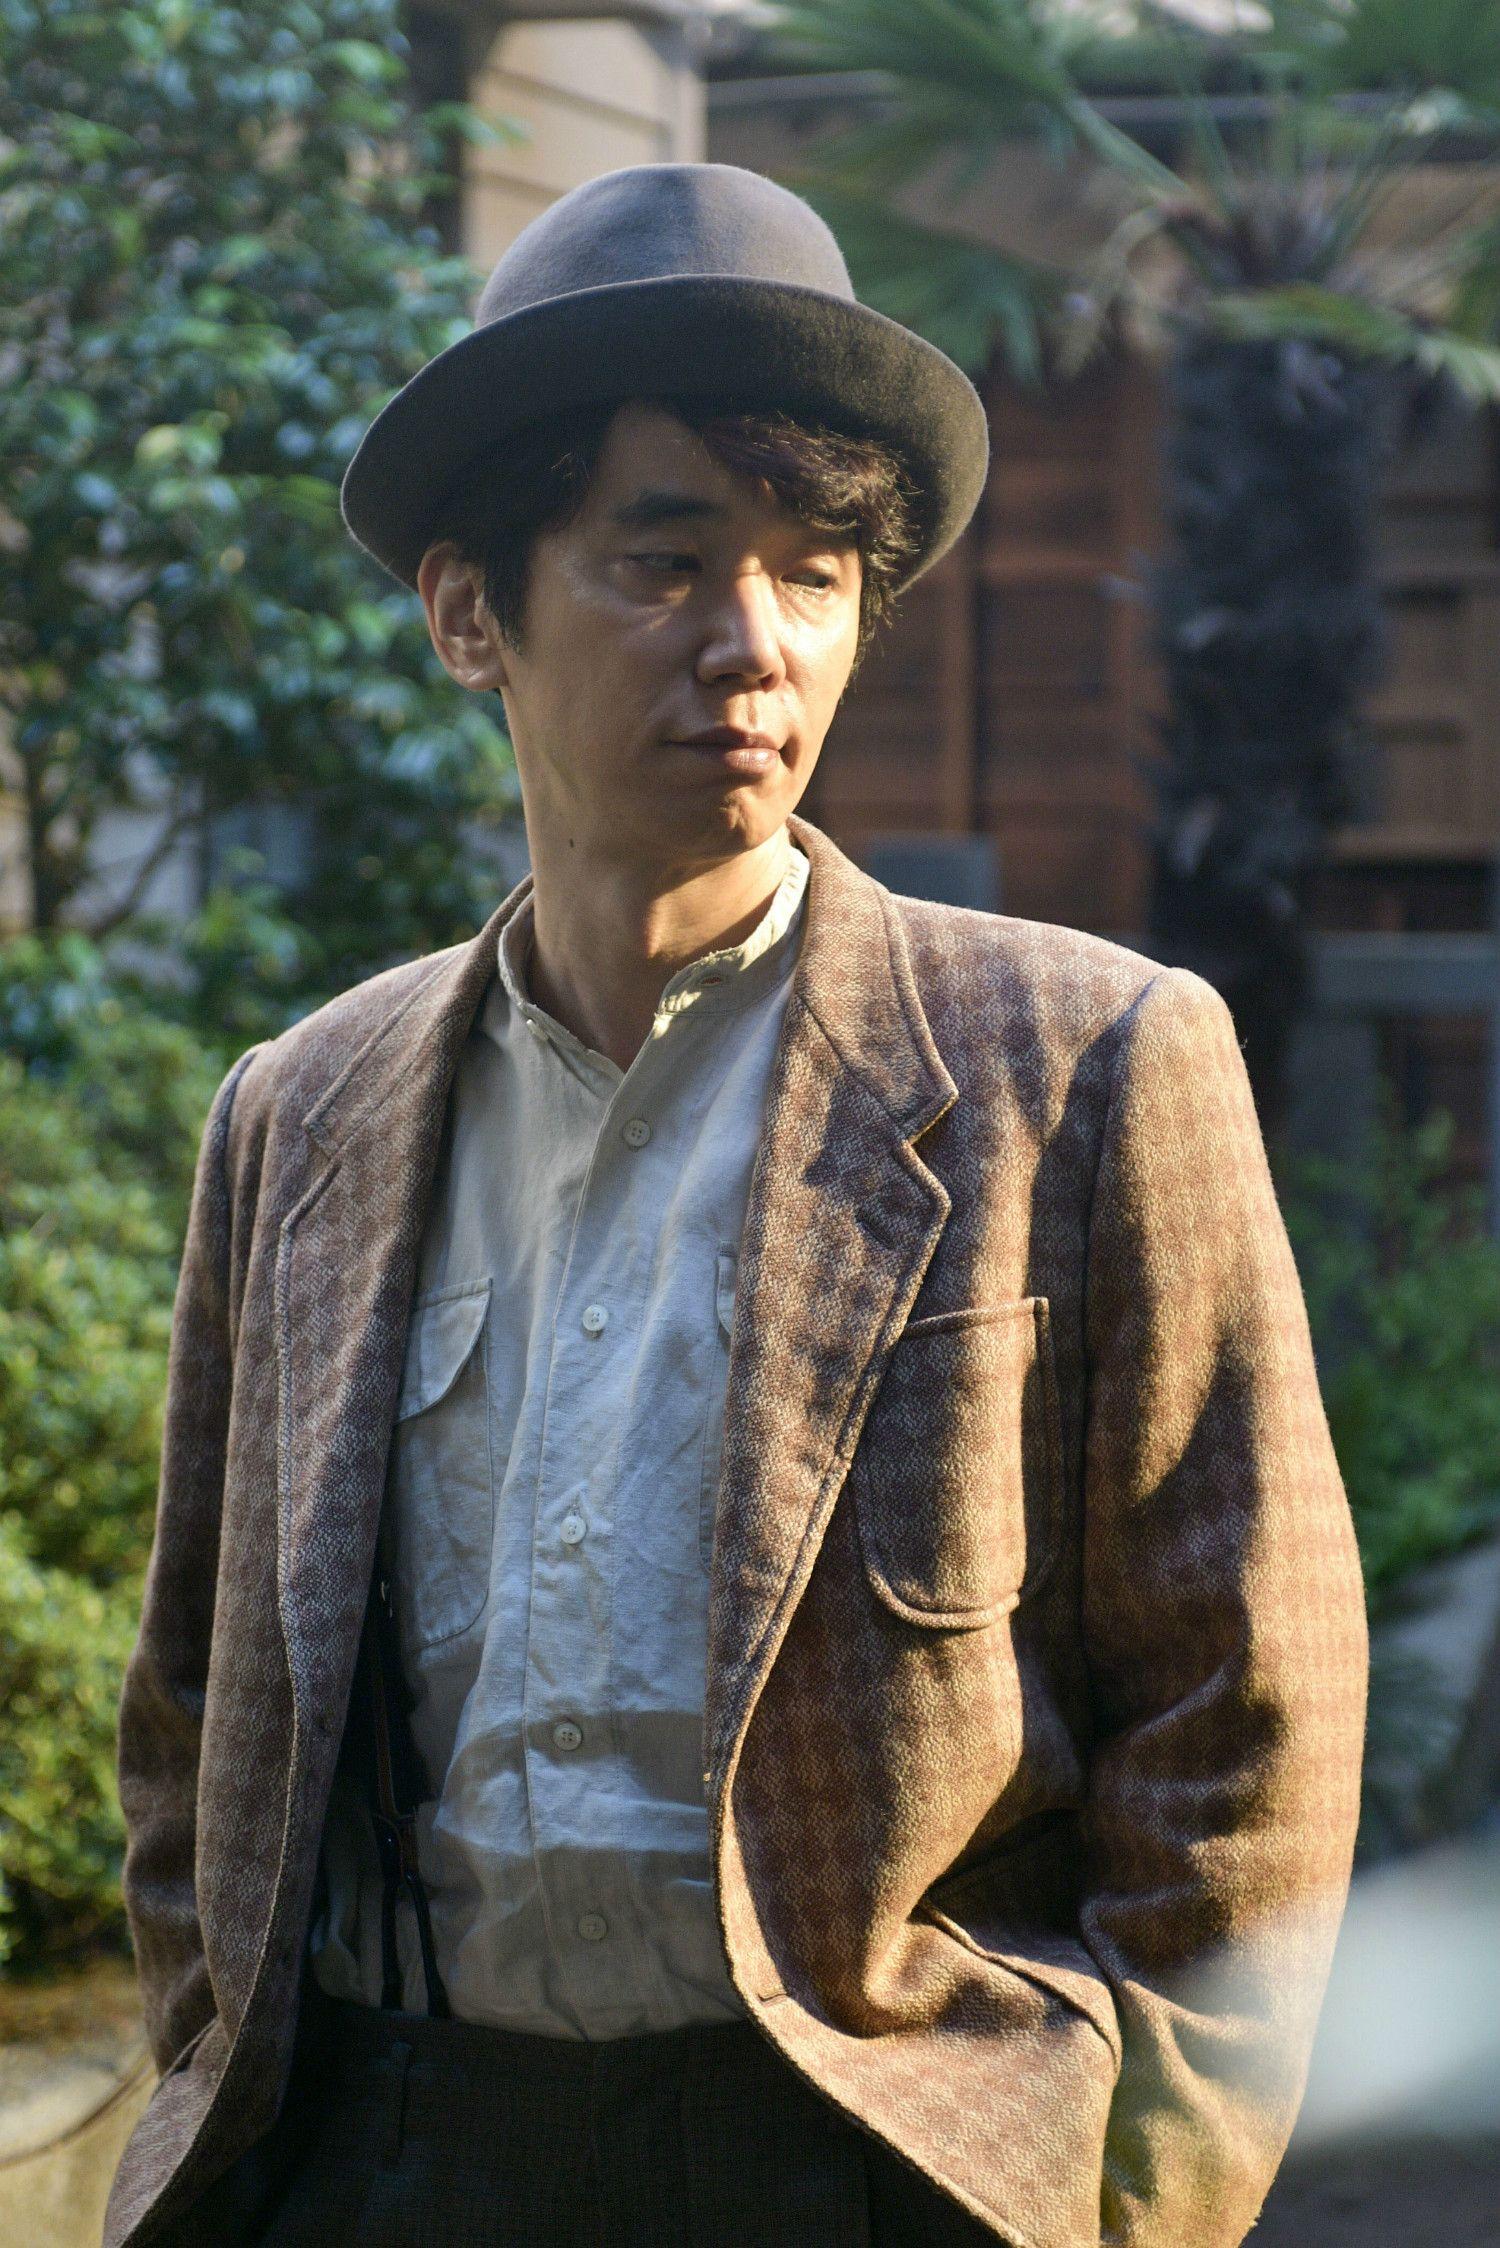 「悦ちゃん」NHKで7月15日スタート。主人公の柳碌太郎役を演じる ©NHK